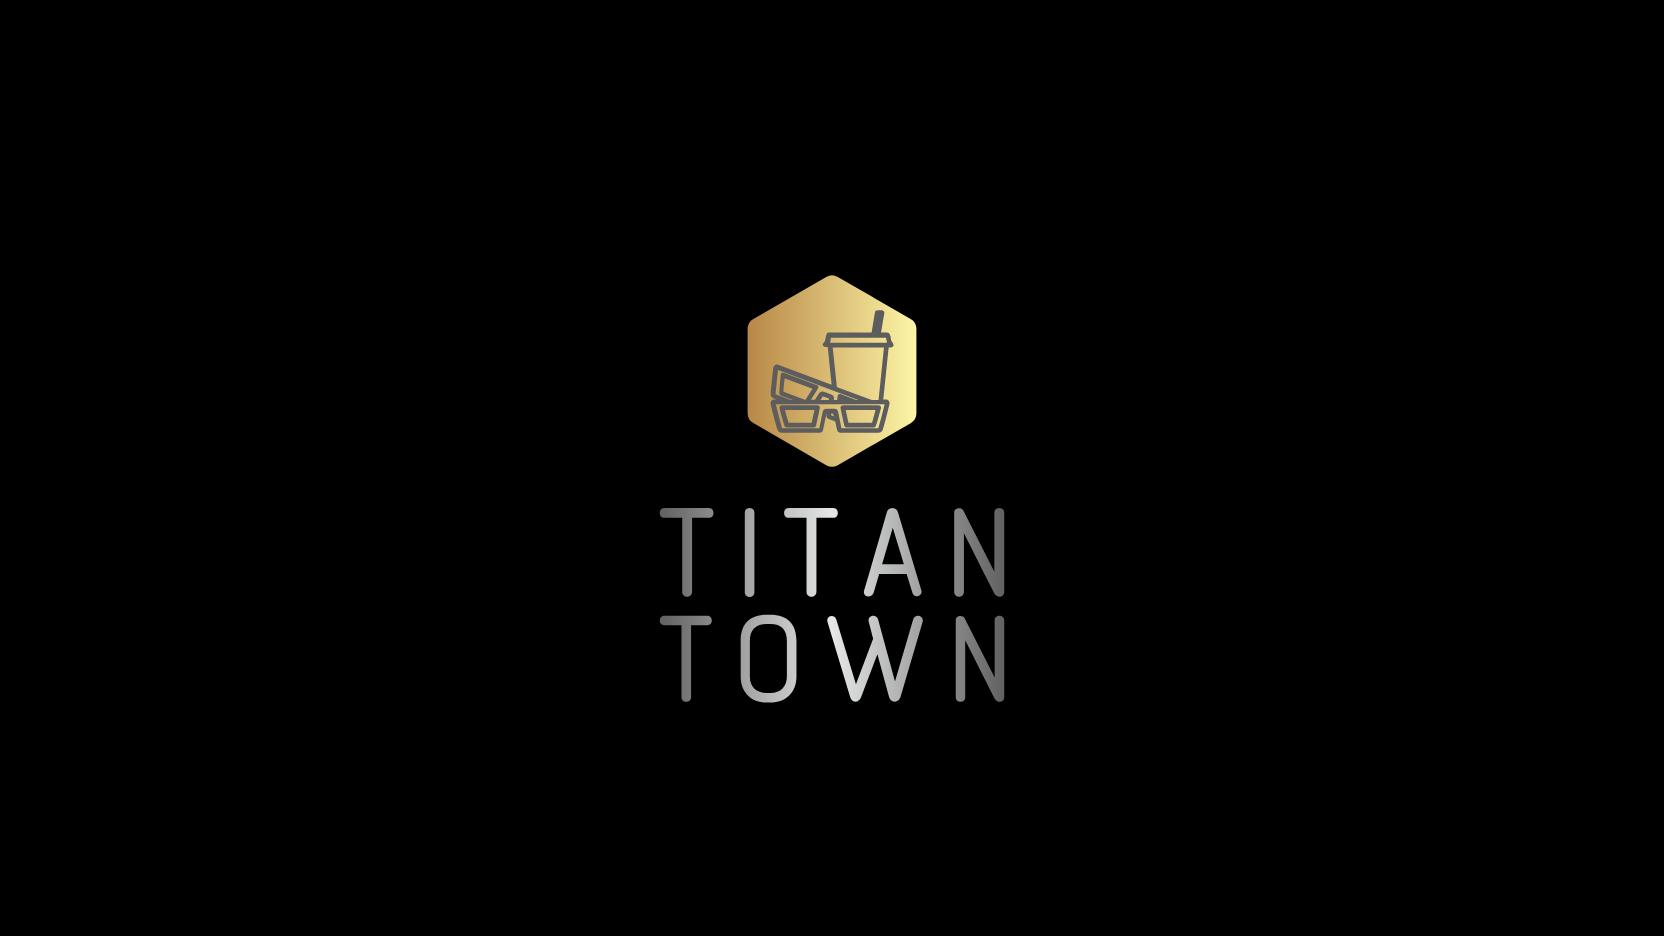 titan town